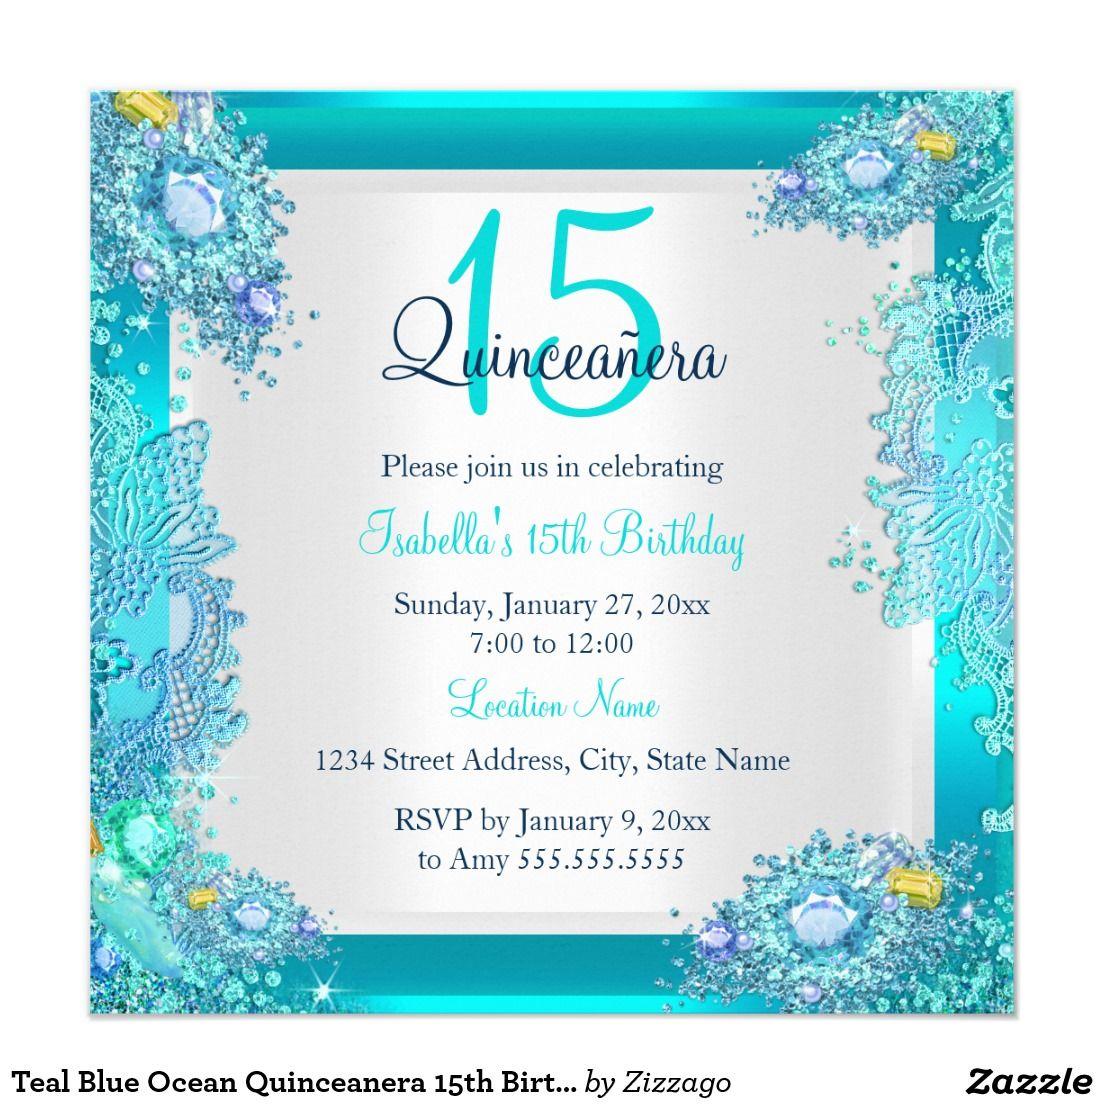 Teal Blue Ocean Quinceanera 15th Birthday Card   Teal blue, 15th ...